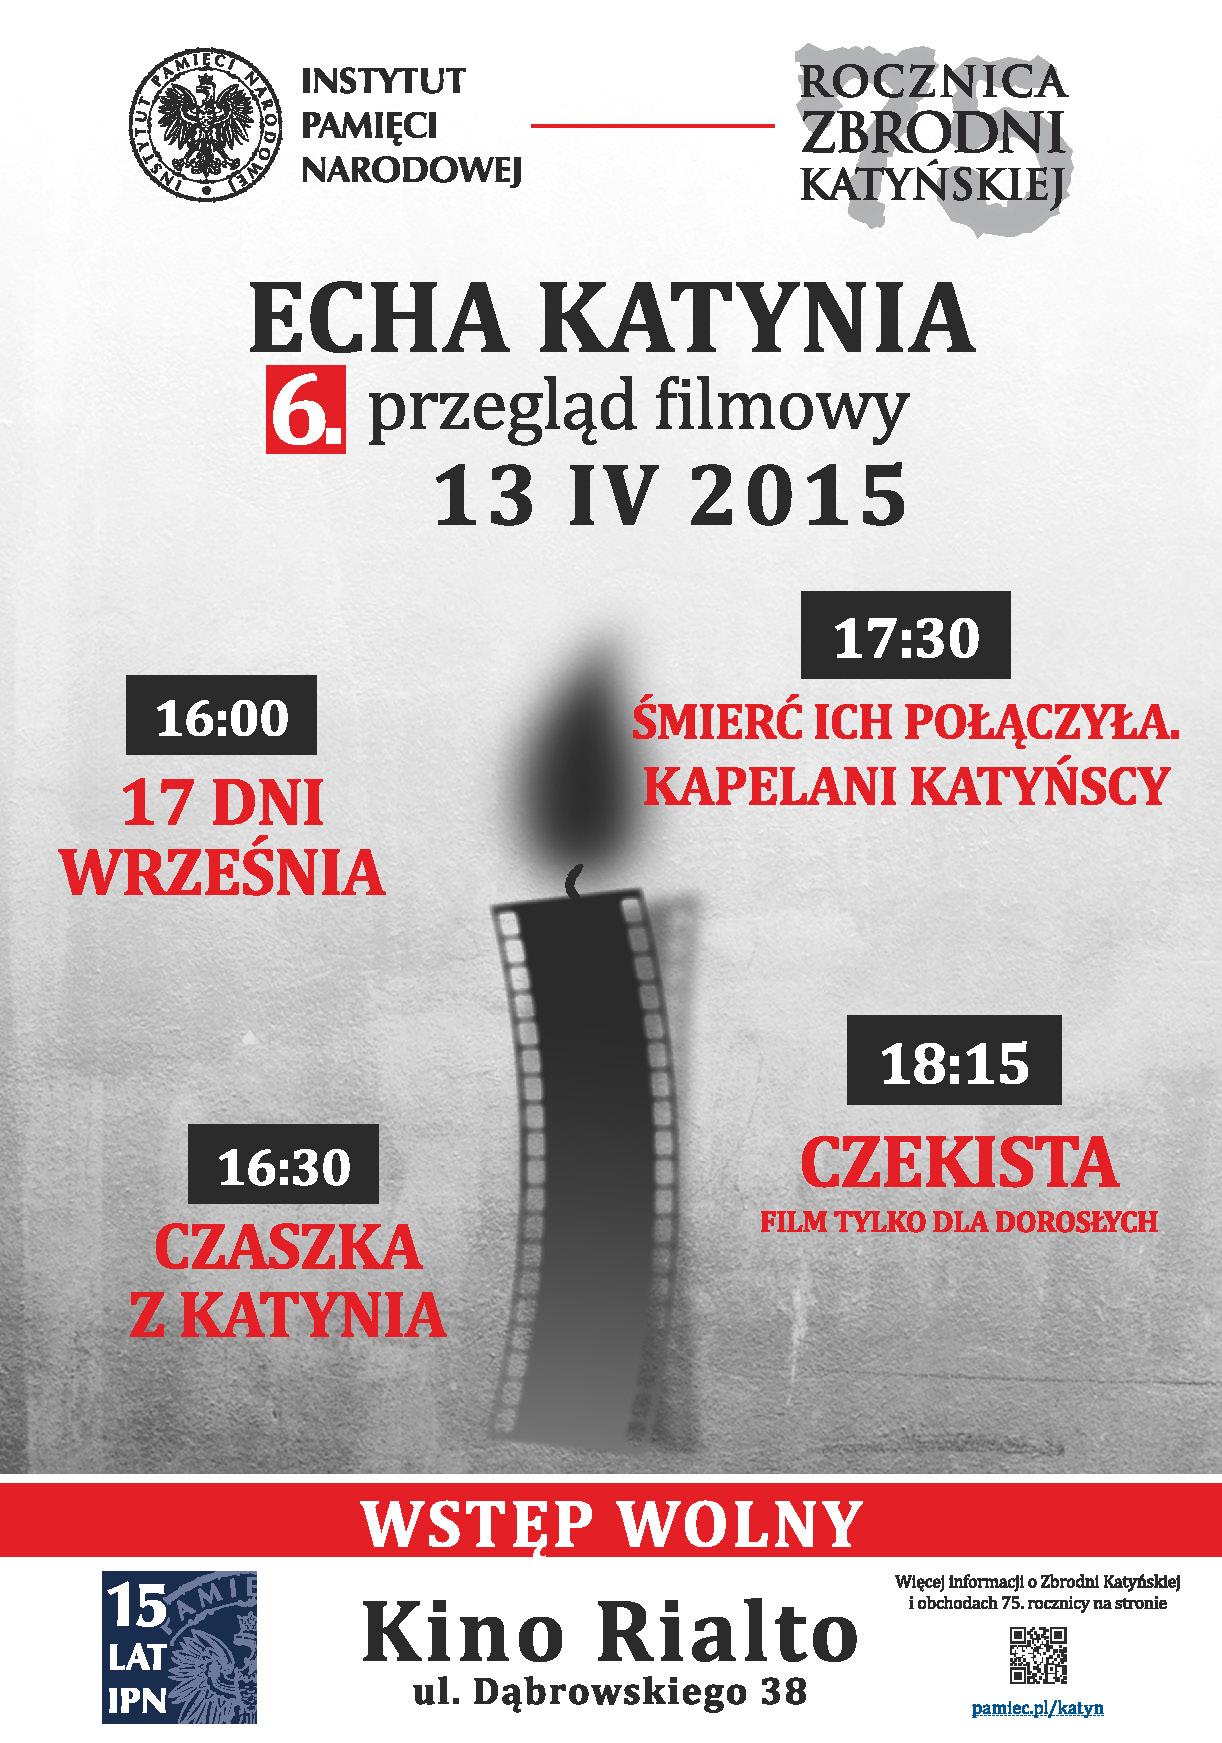 IPN_Echa_Katynia_2015_B1